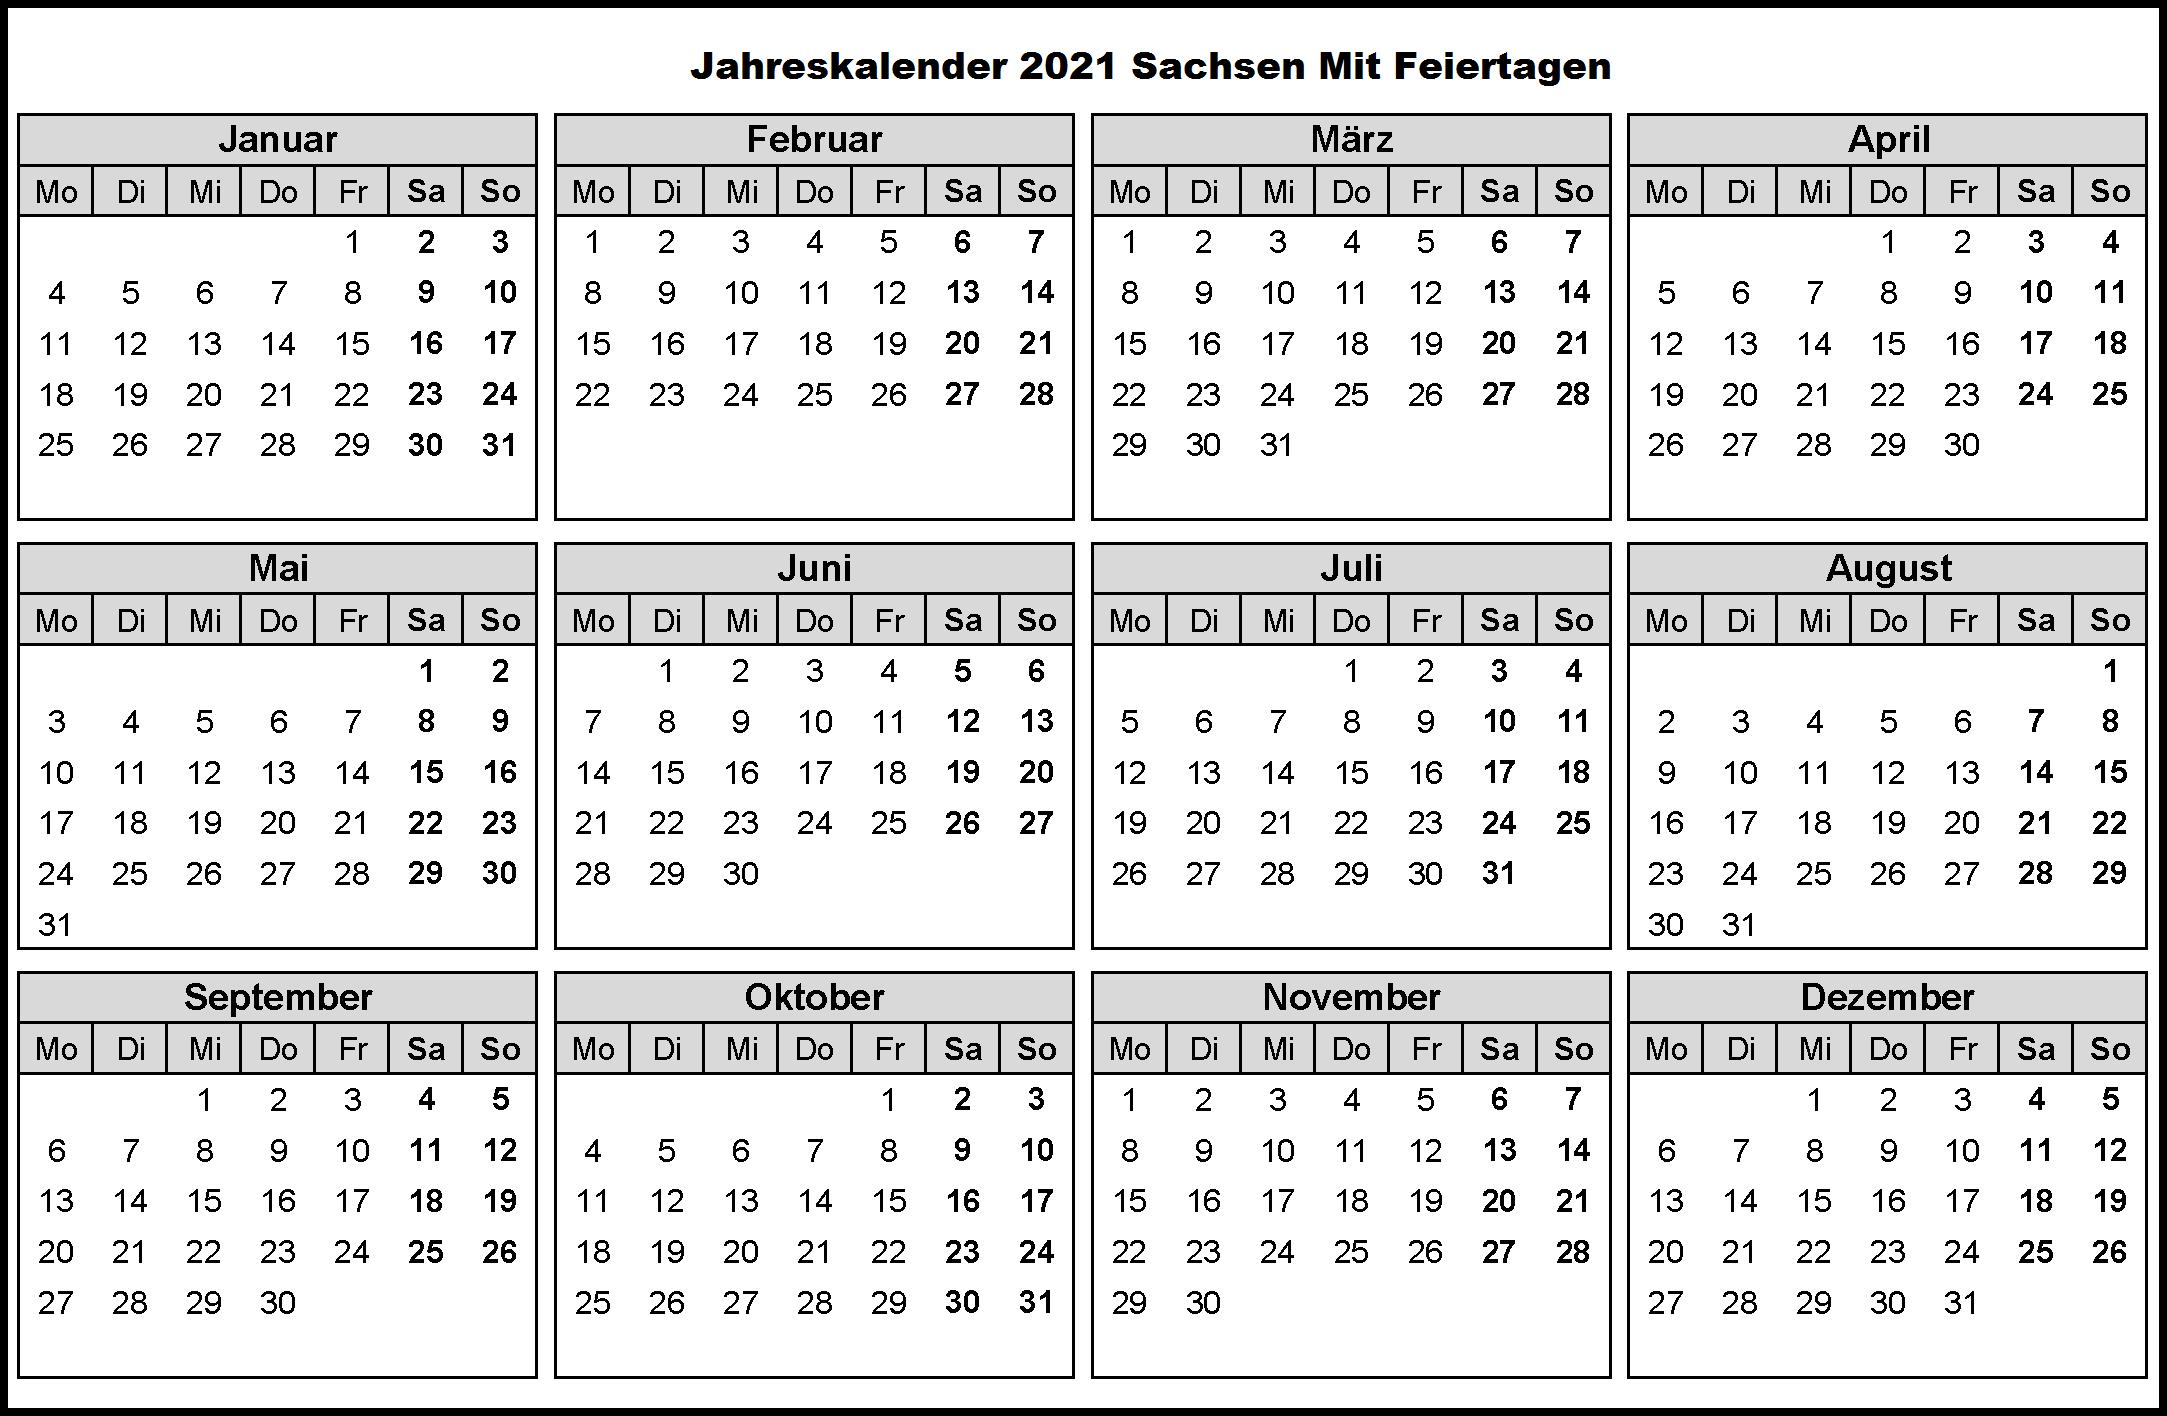 Jahreskalender 2021 Sachsen